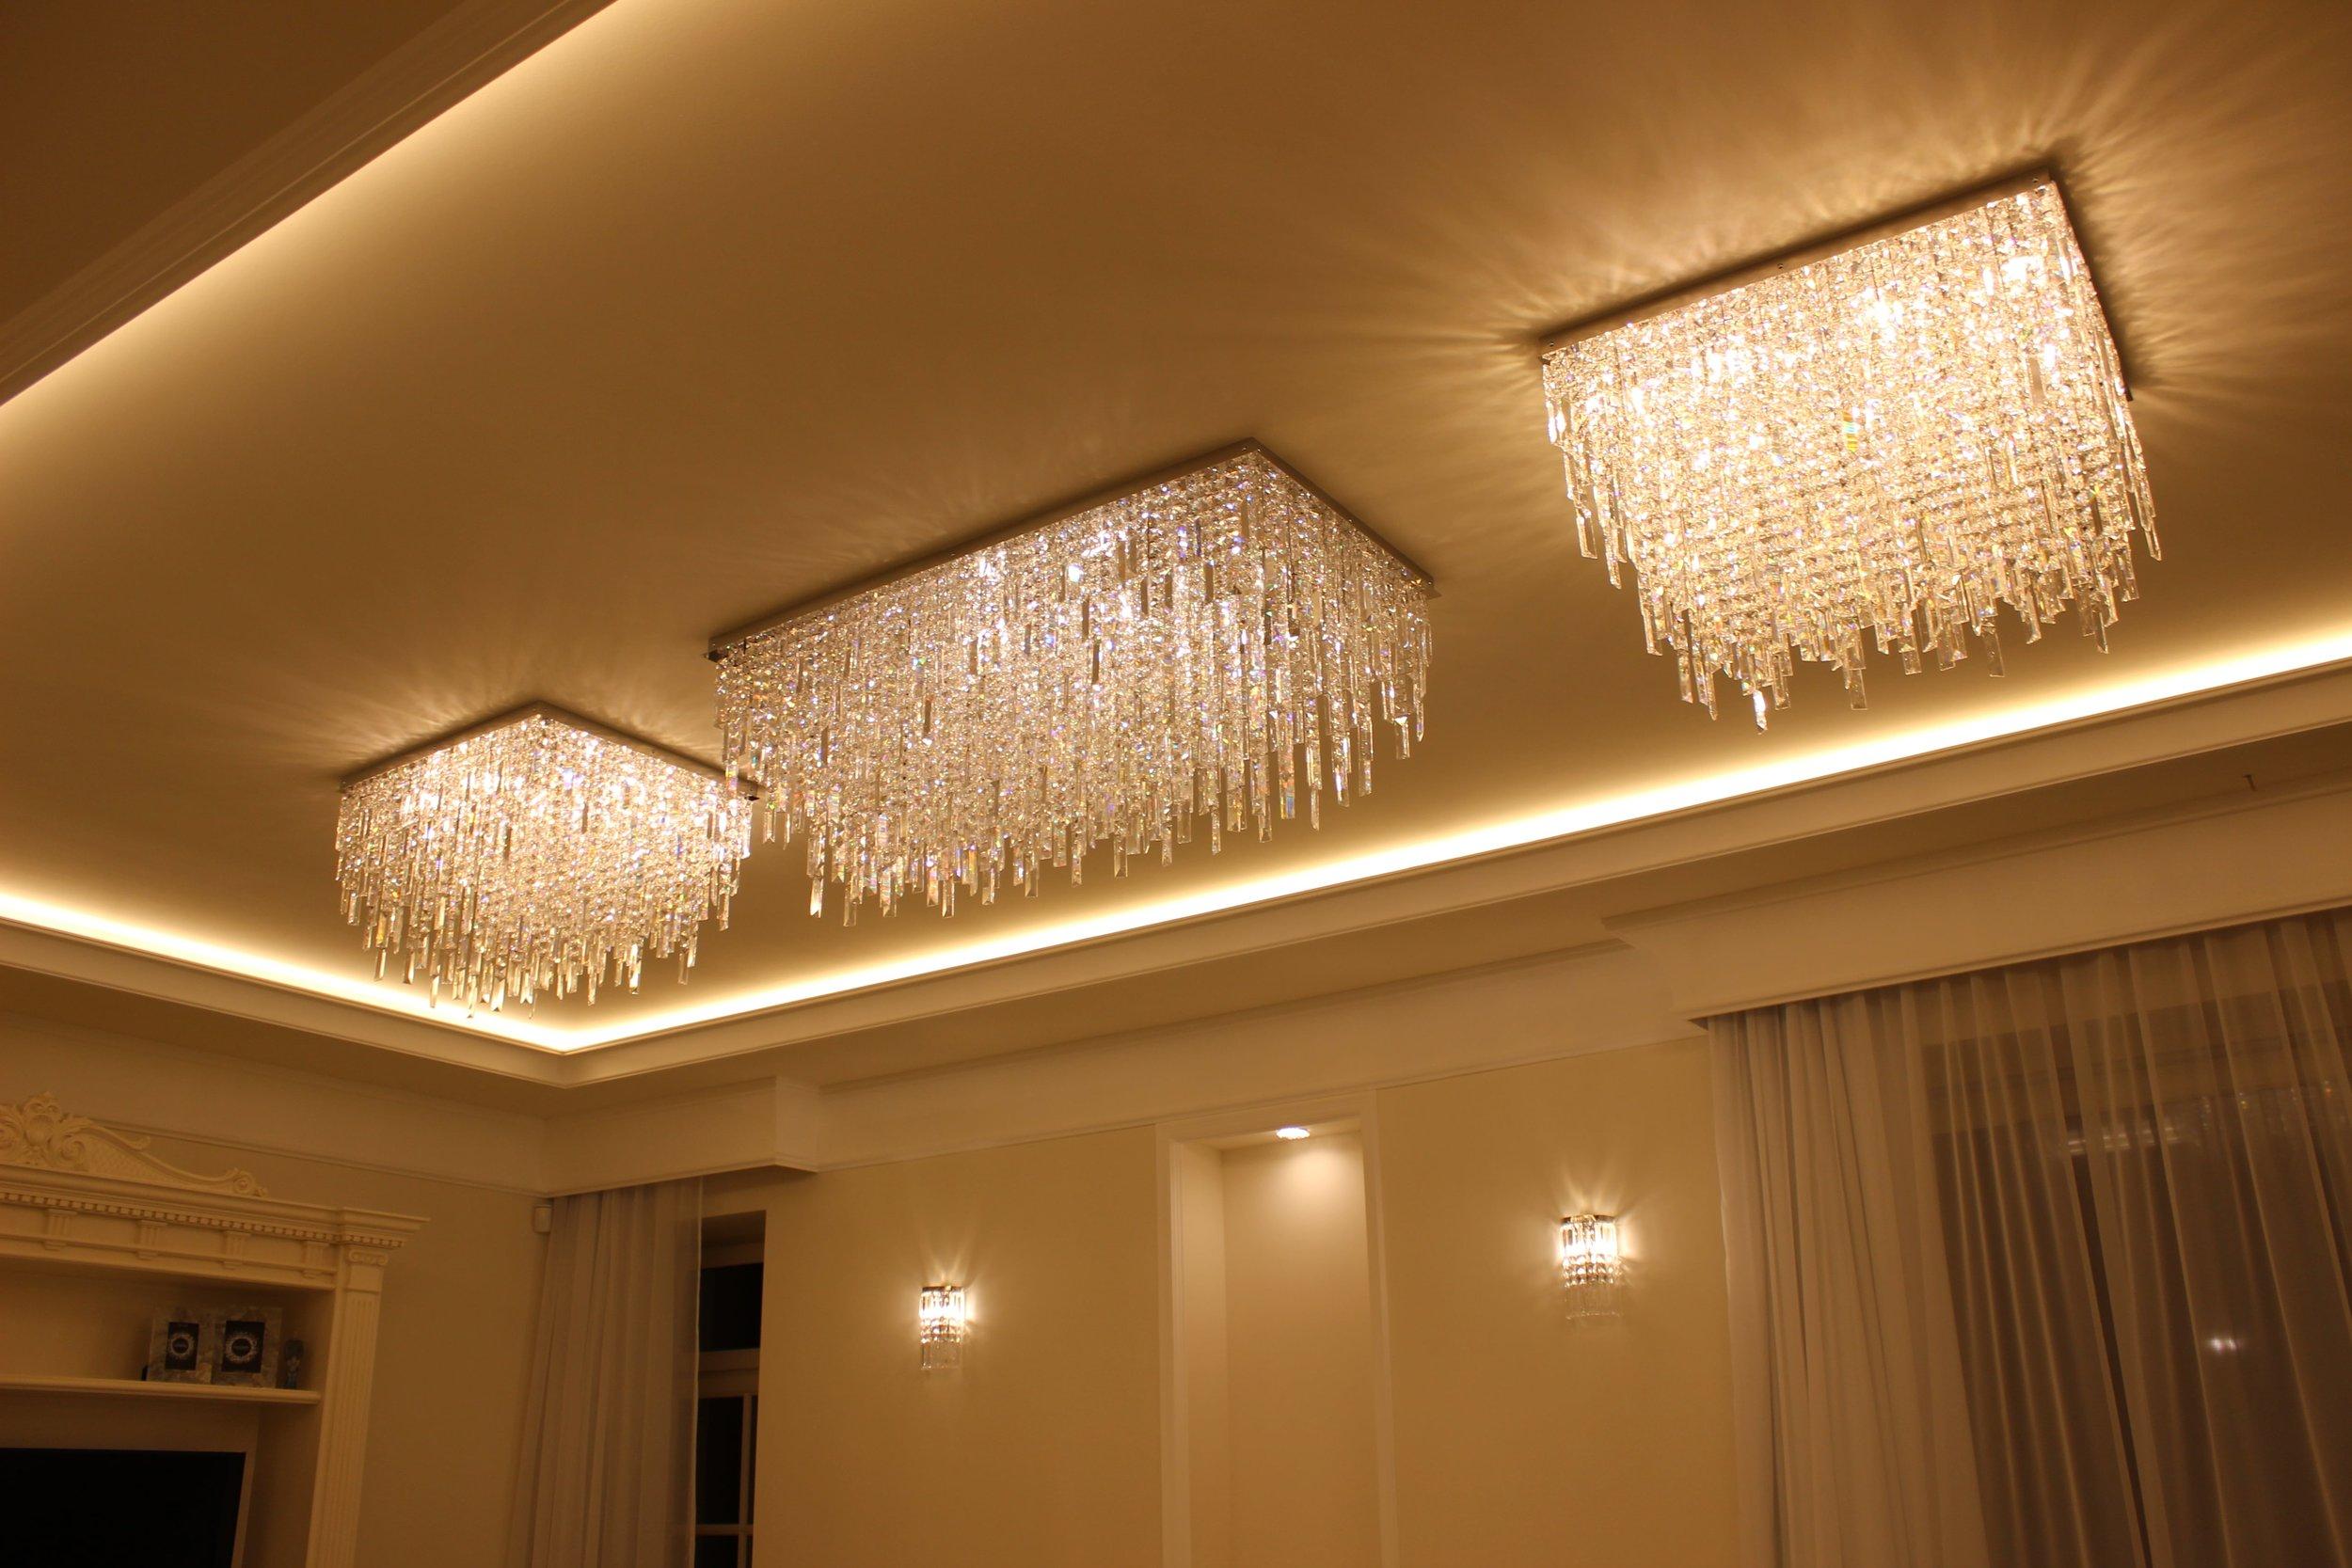 JWZ 315 - modern chandelier in interior b(11)-min.JPG